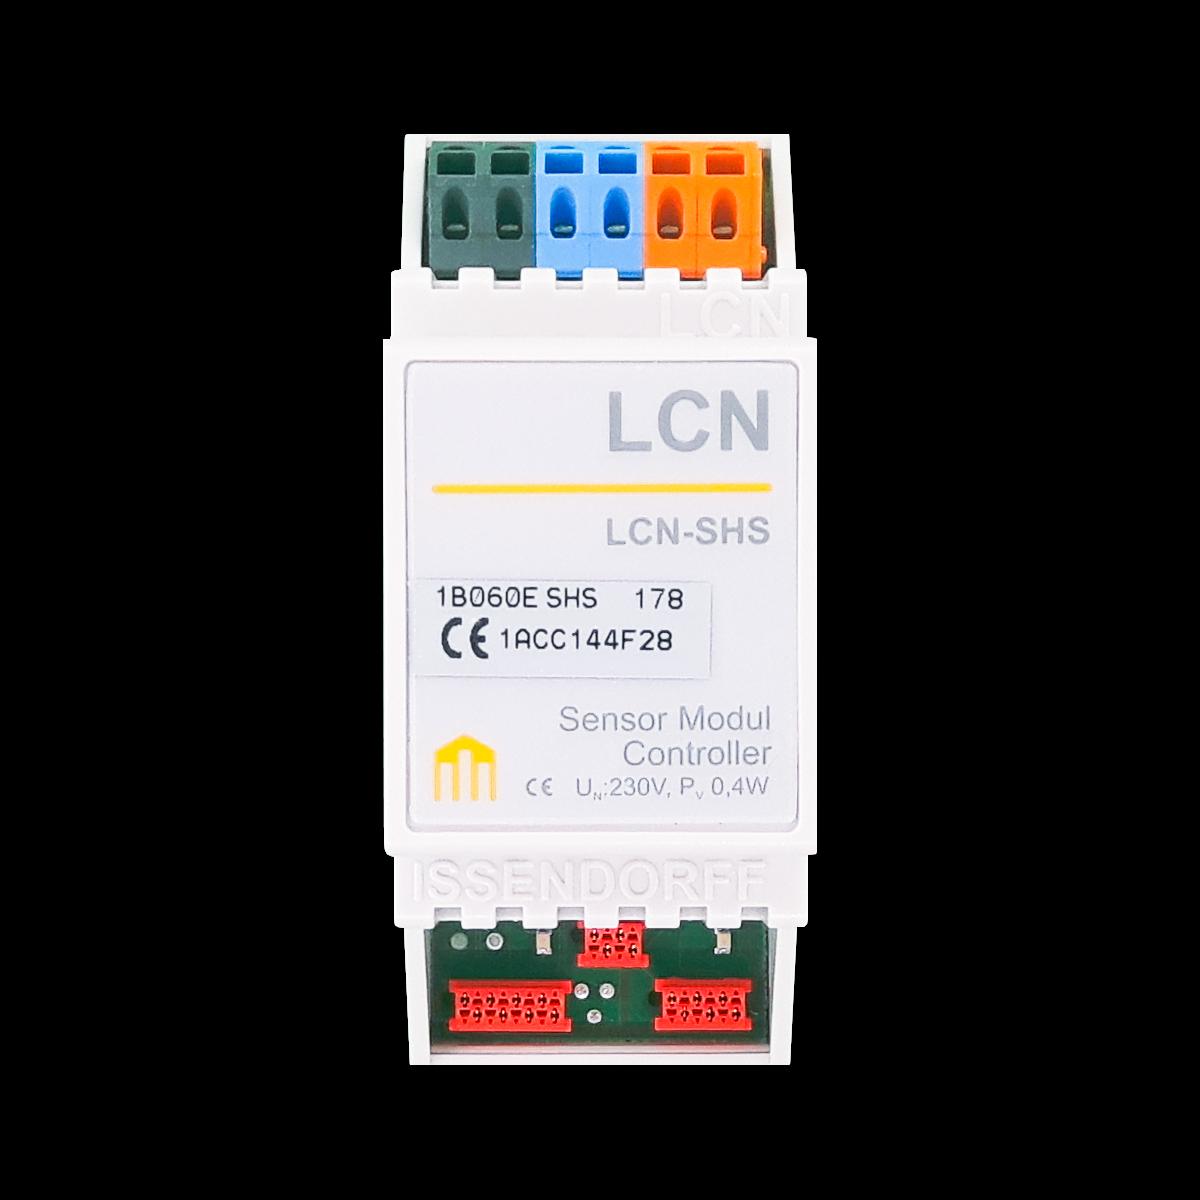 LCN-SHS